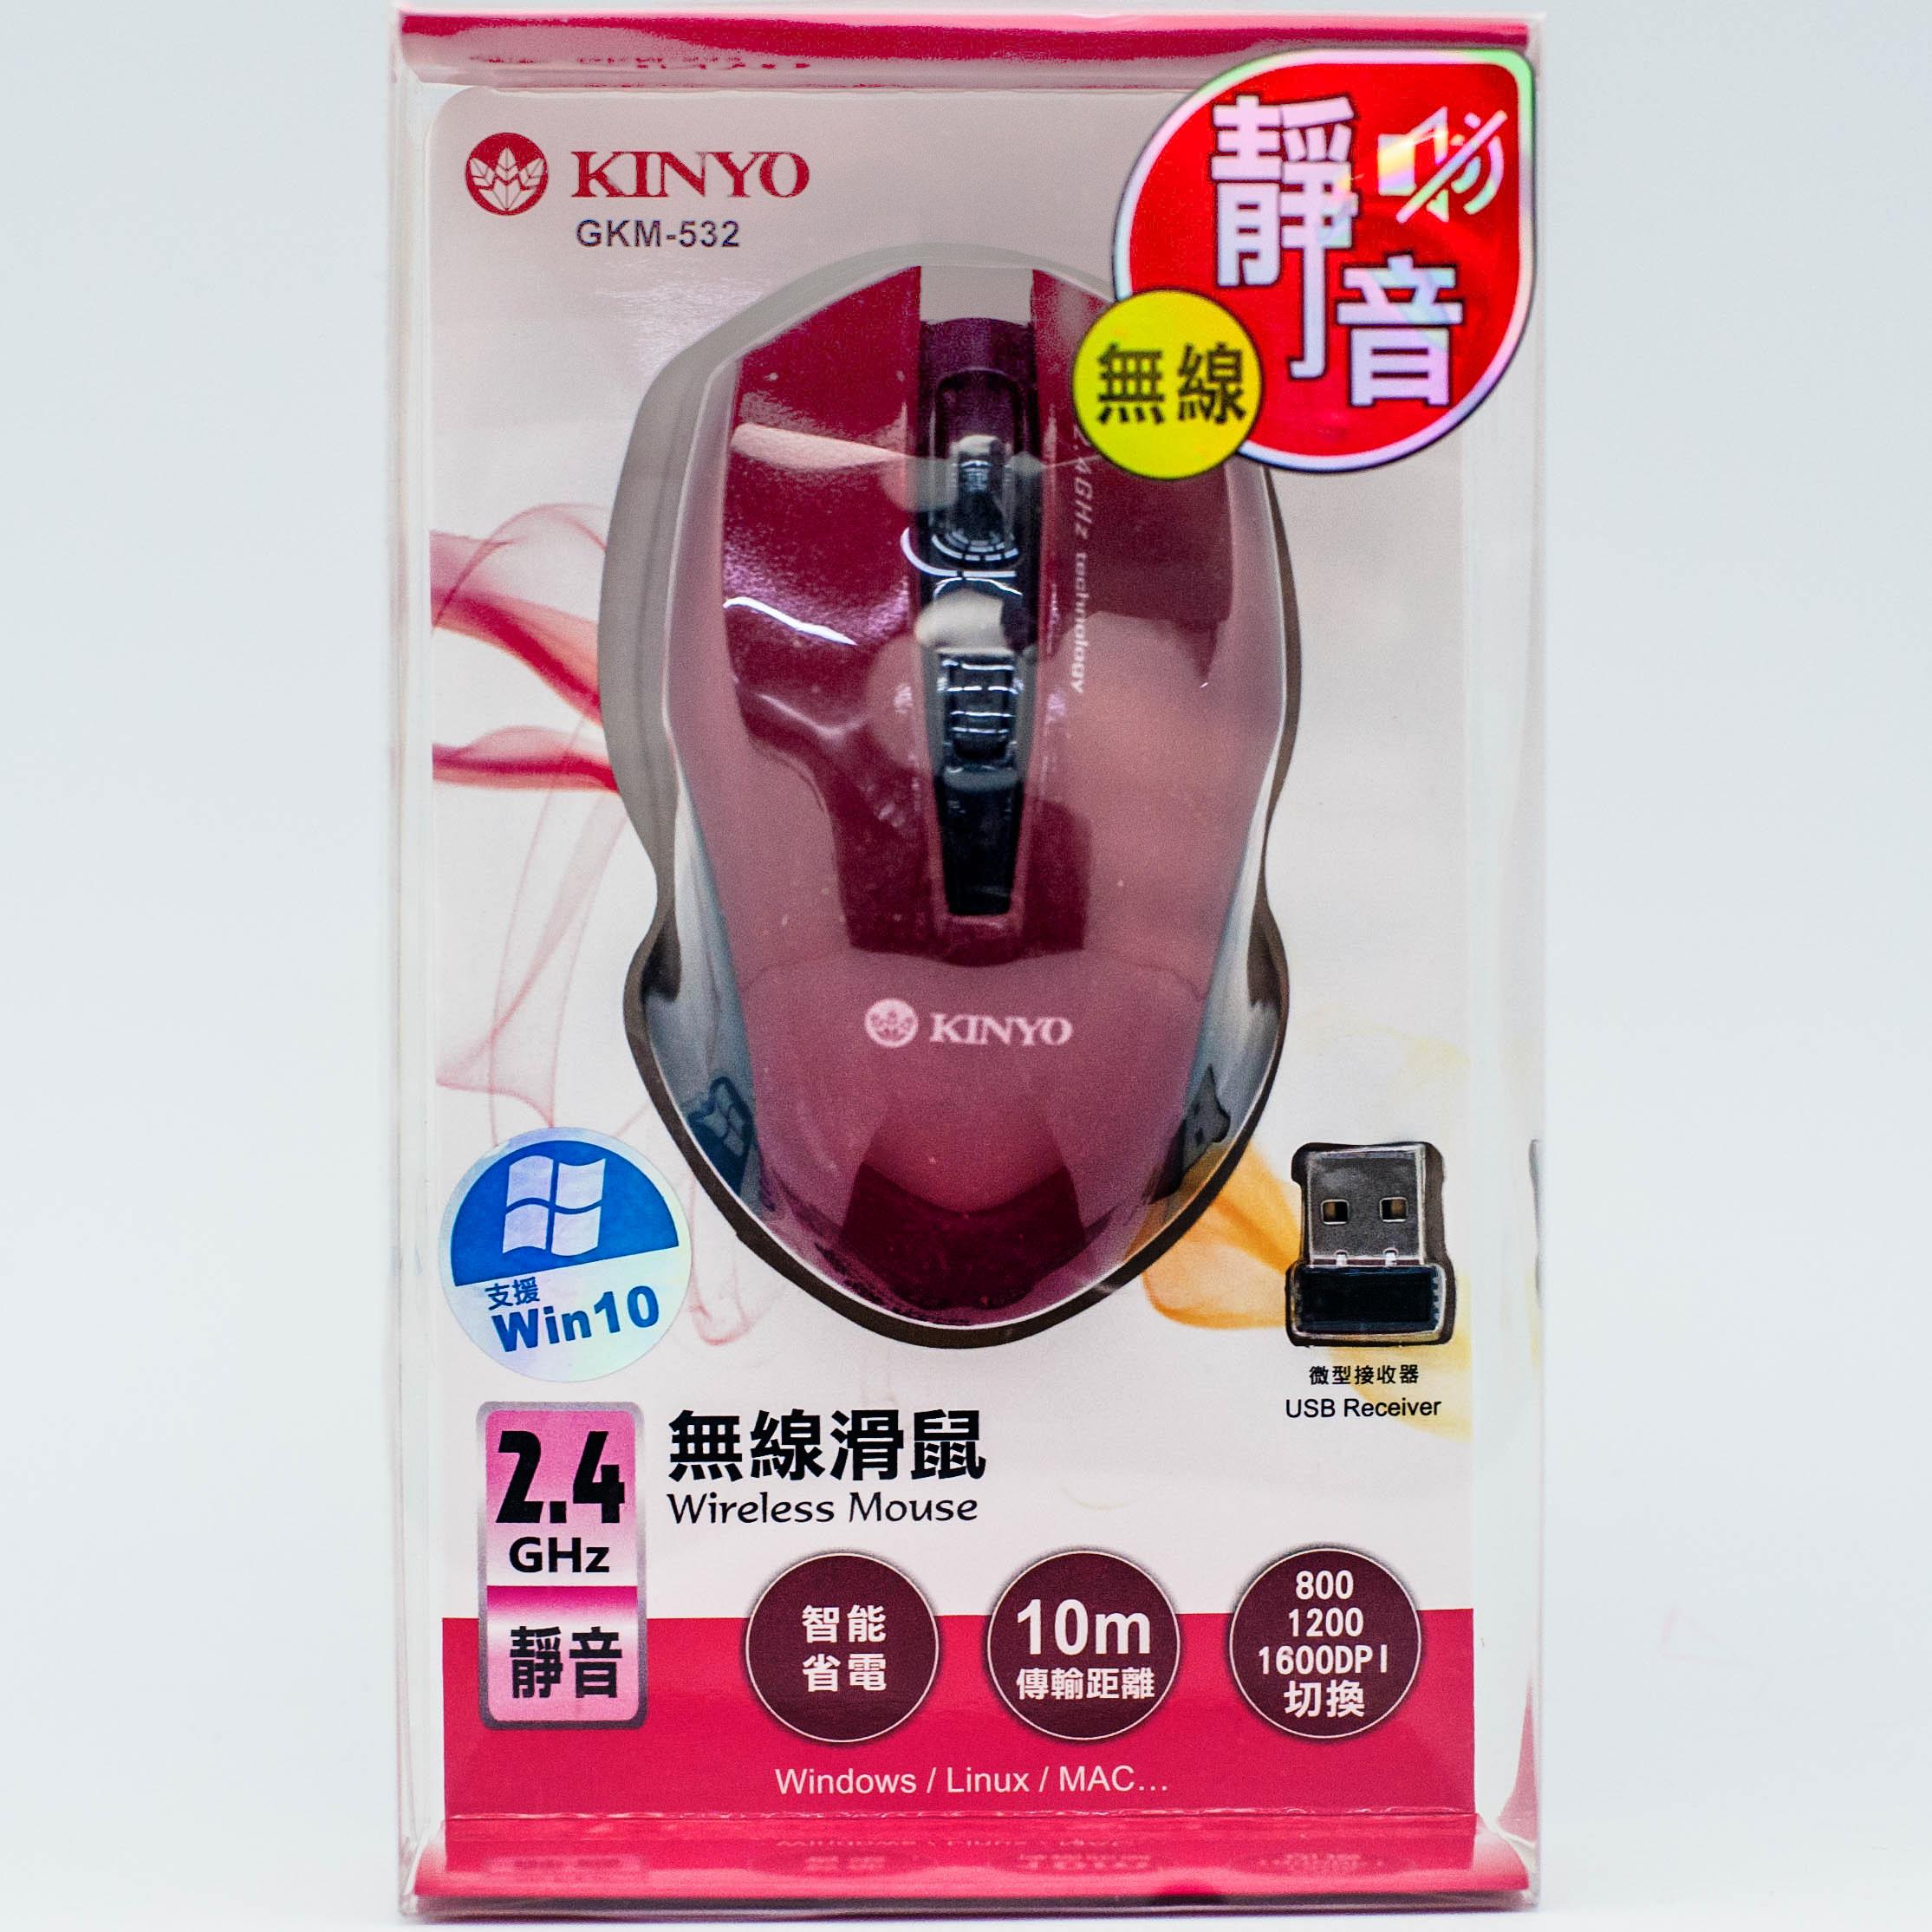 {九聯百貨} KINYO 金葉 耐嘉 2.4GHz 靜音 無線滑鼠 GKM-532